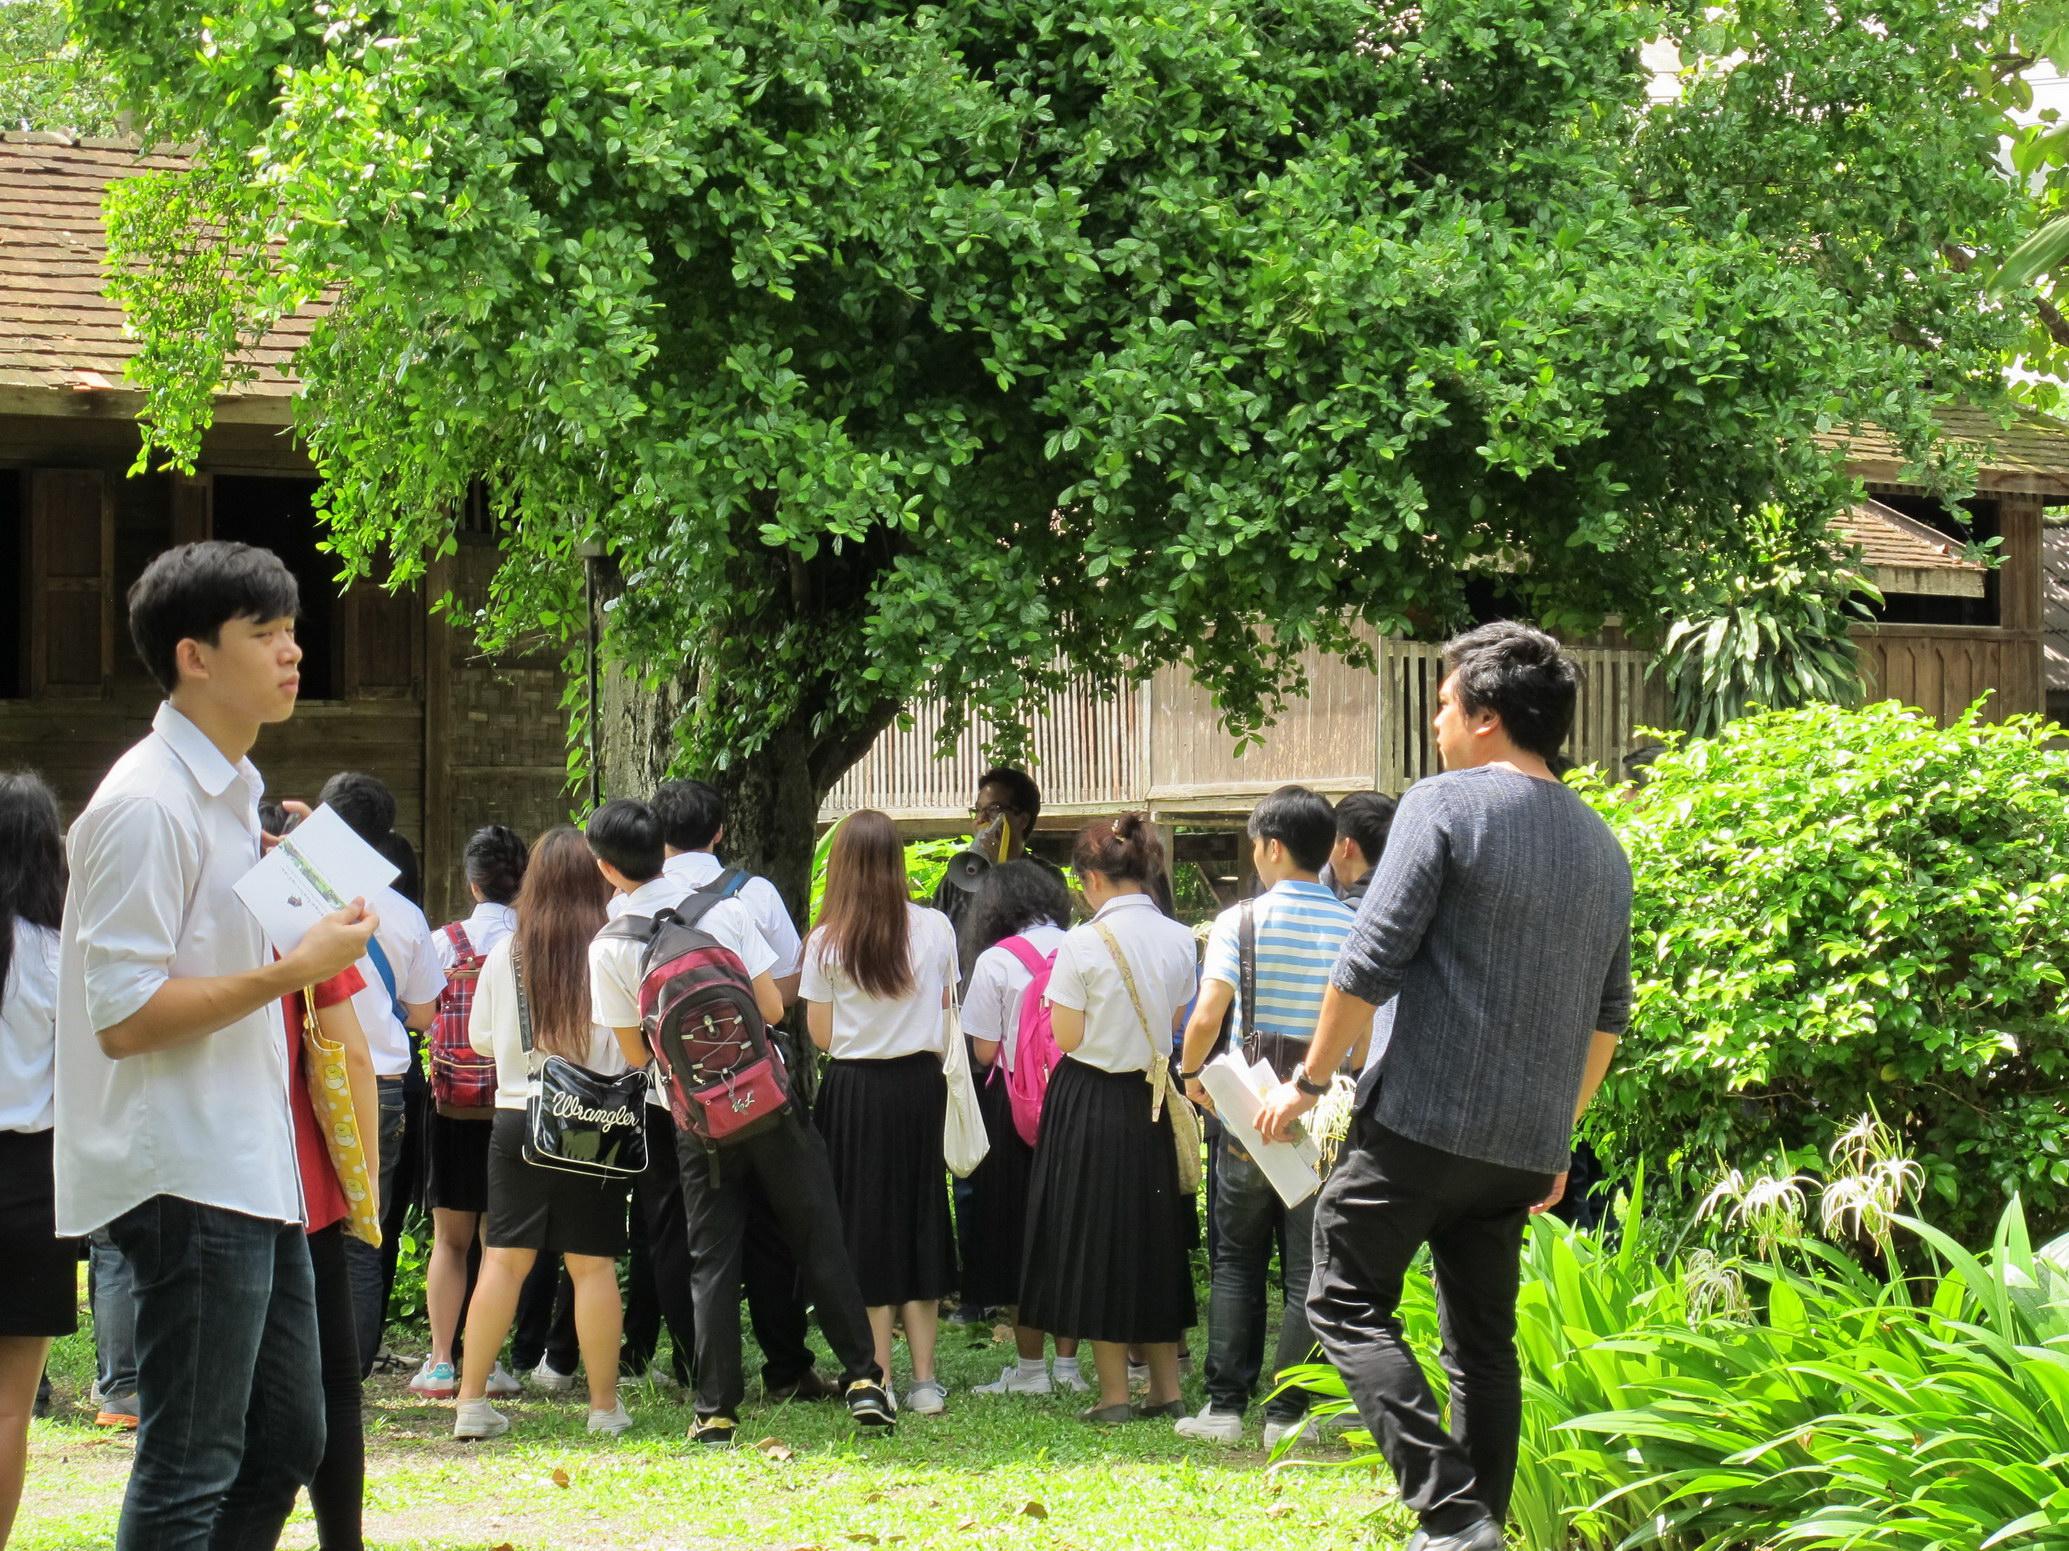 ให้การต้อนรับคณาจารย์และนักศึกษาจากคณะสถาปัตยกรรม มหาวิทยาลัยเชียงใหม่